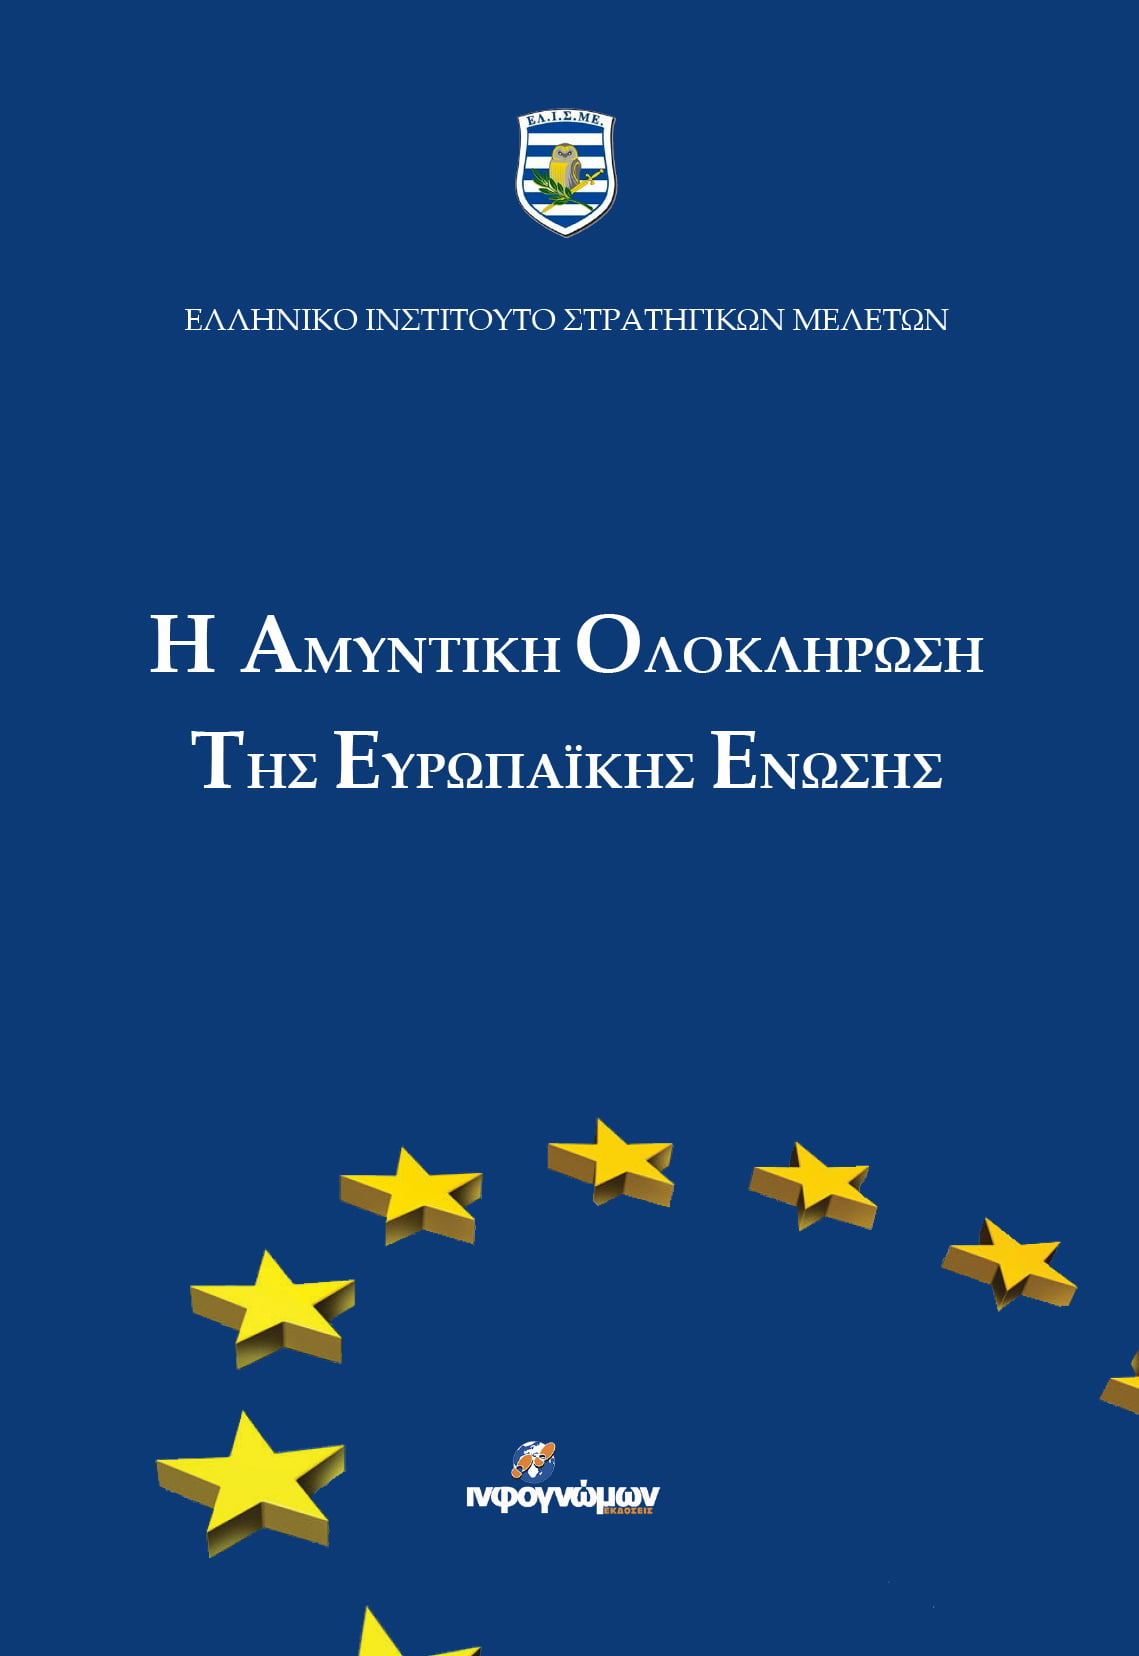 """Ένα """"καυτό"""" θέμα έγινε βιβλίο από το ΕΛ.Ι.Σ.ΜΕ.: «Η αμυντική ολοκλήρωση της Ευρωπαϊκής Ένωσης»"""